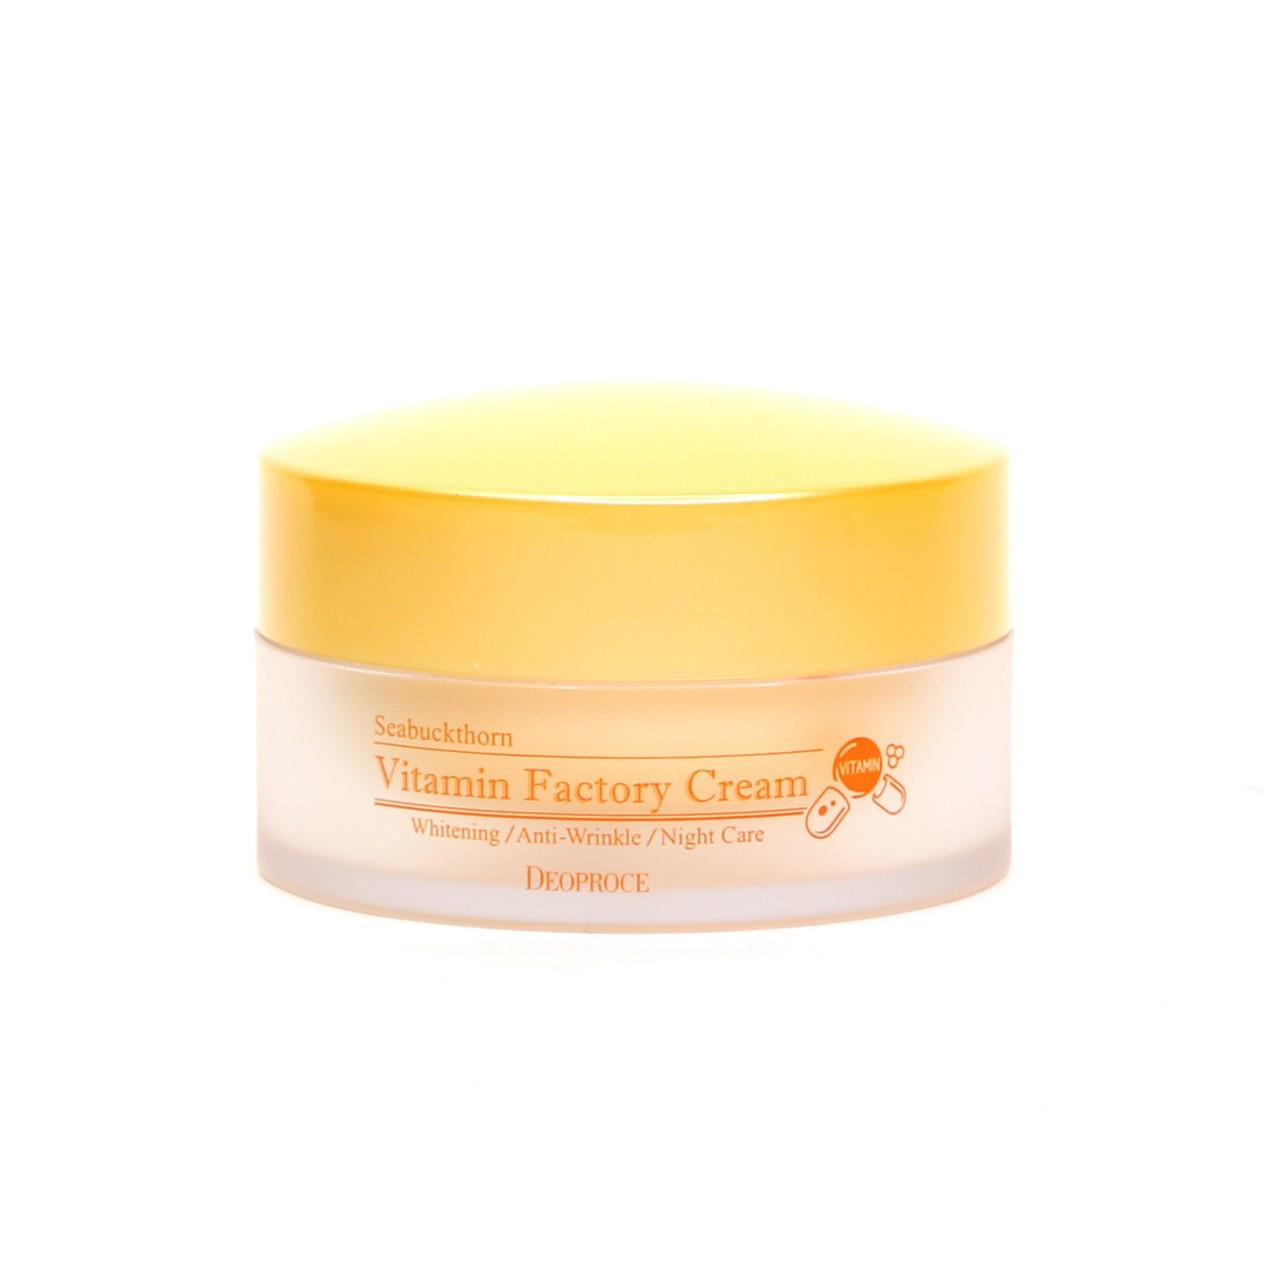 Купить Крем для лица DEOPROCE Vitamin Factory Cream 100гр